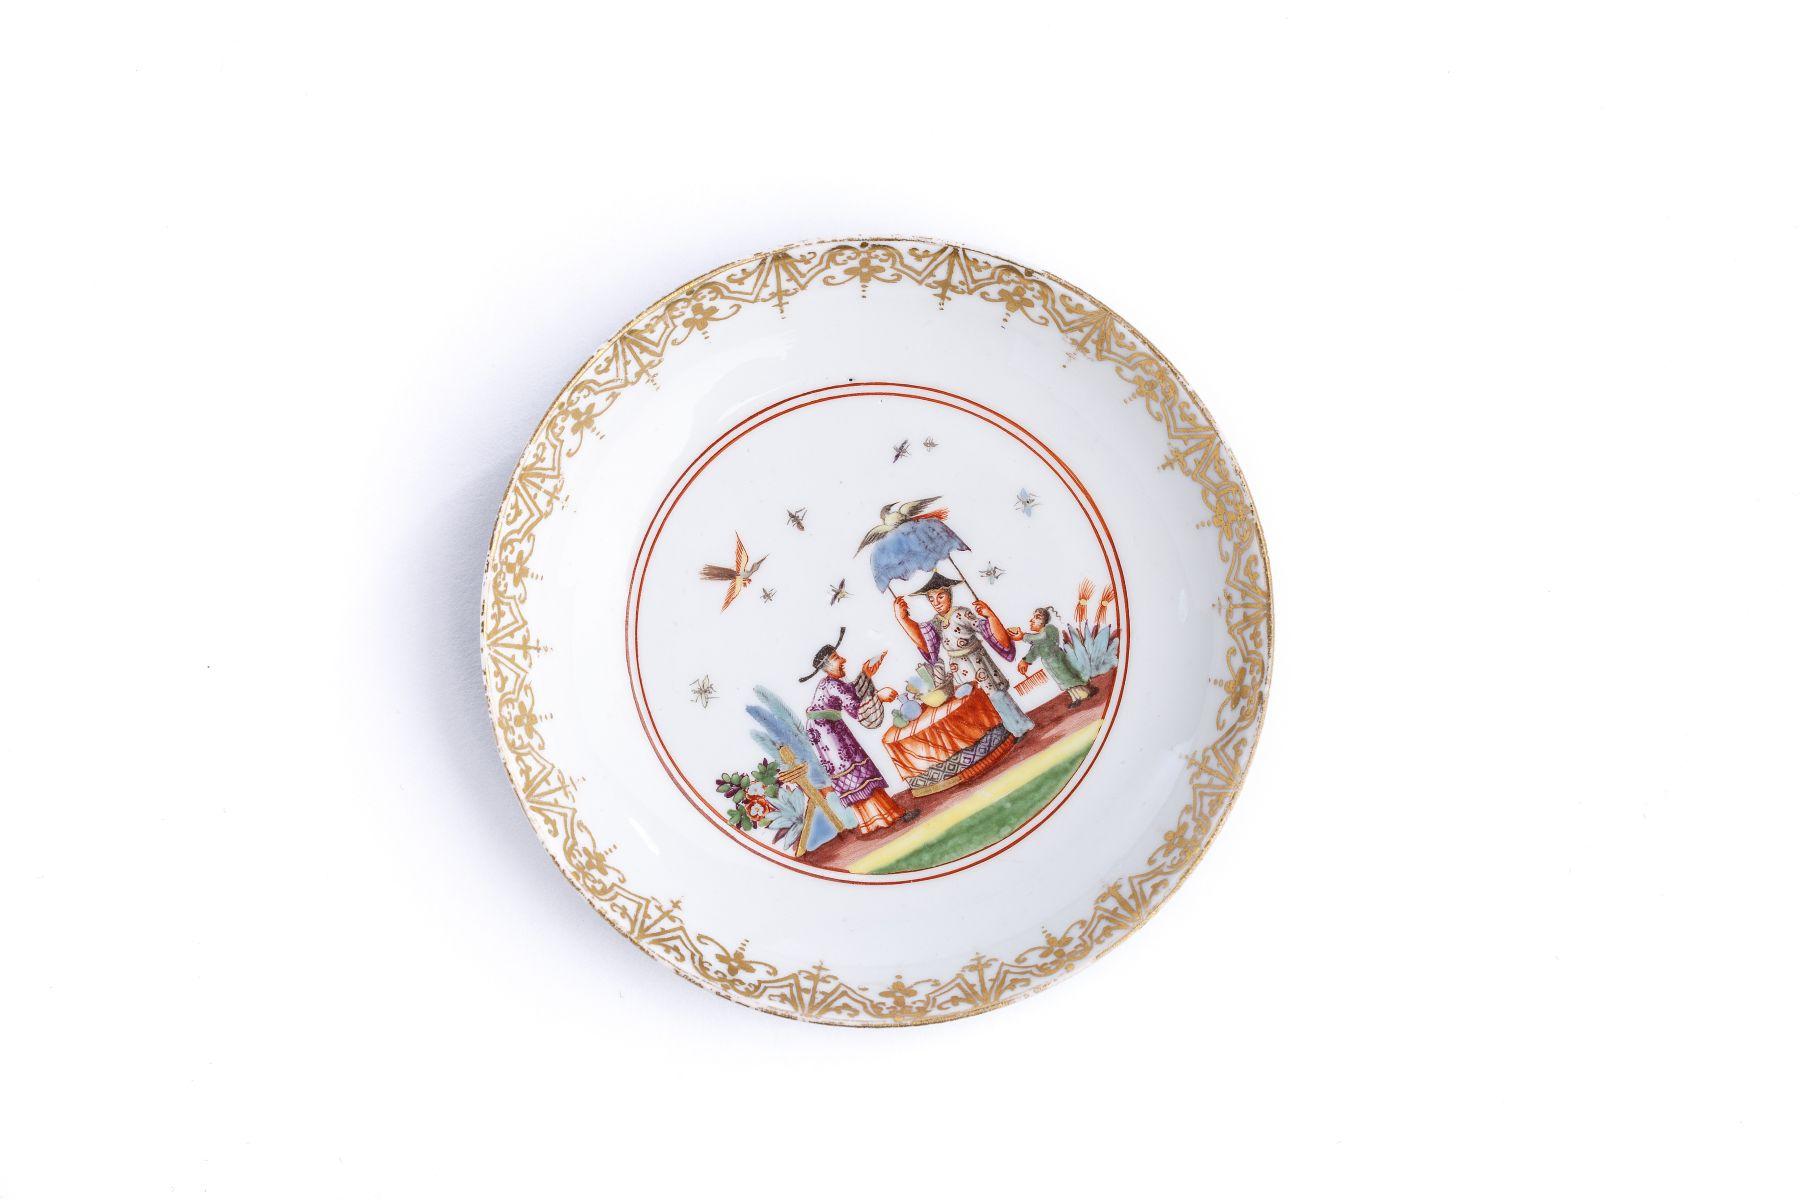 #5 Small Saucer, Meissen 1730/35 | Kleine Unterschale, Meissen 1730/35 Image